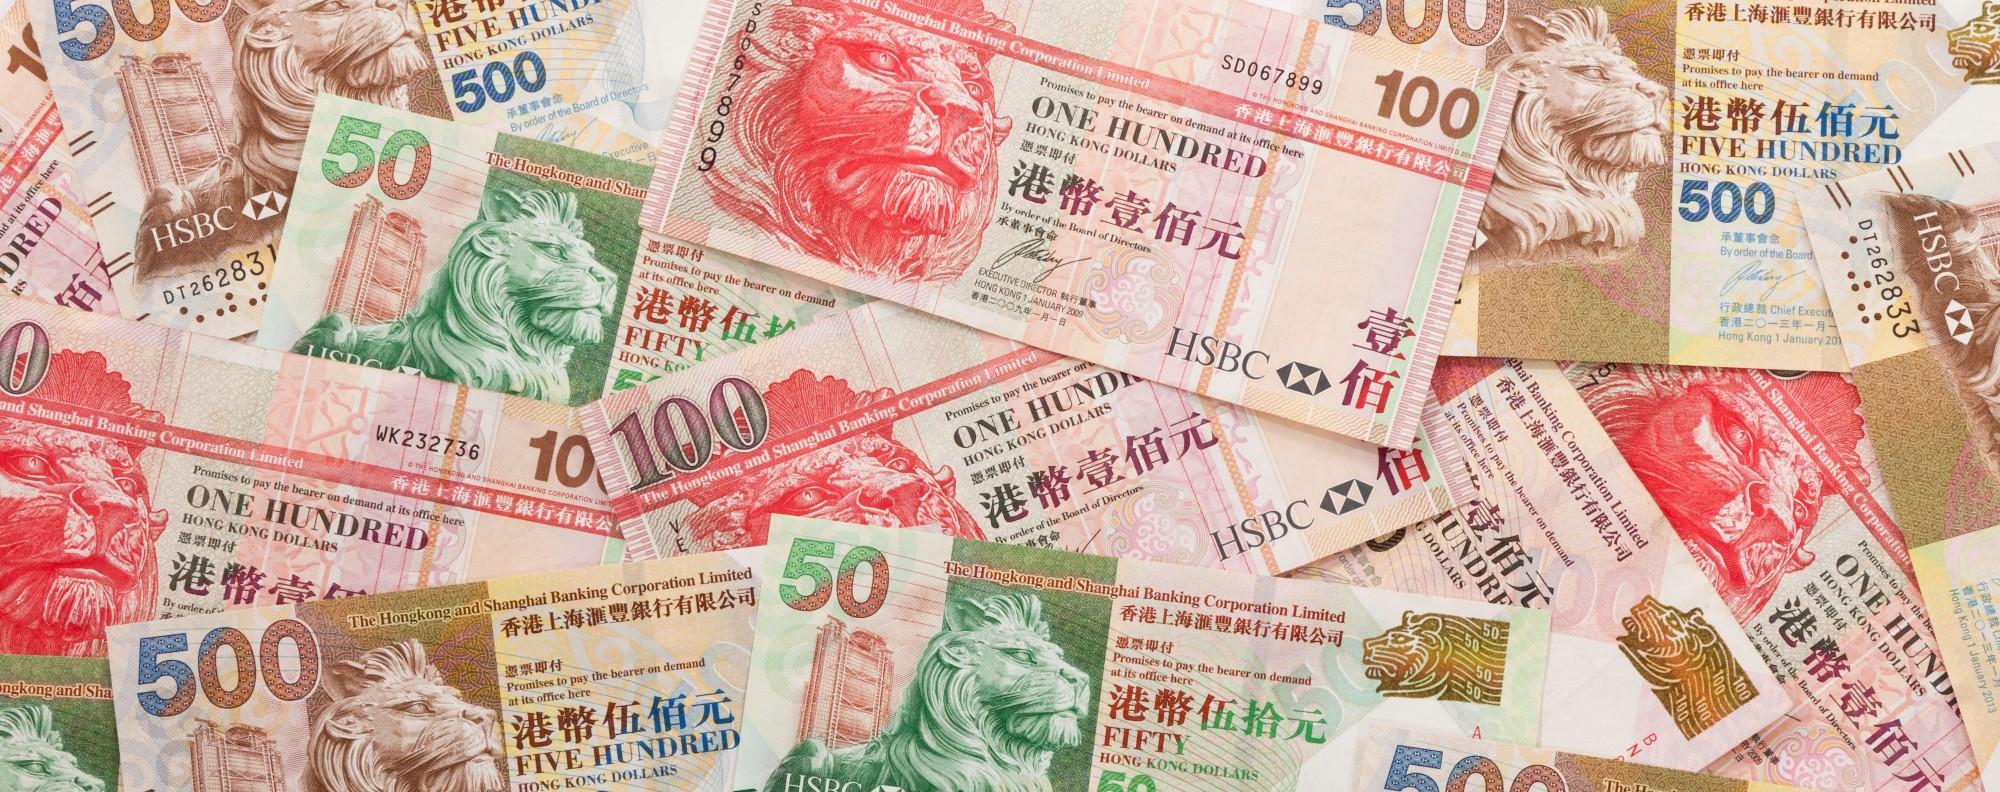 Hong Kong Dollars. Photo: Alamy